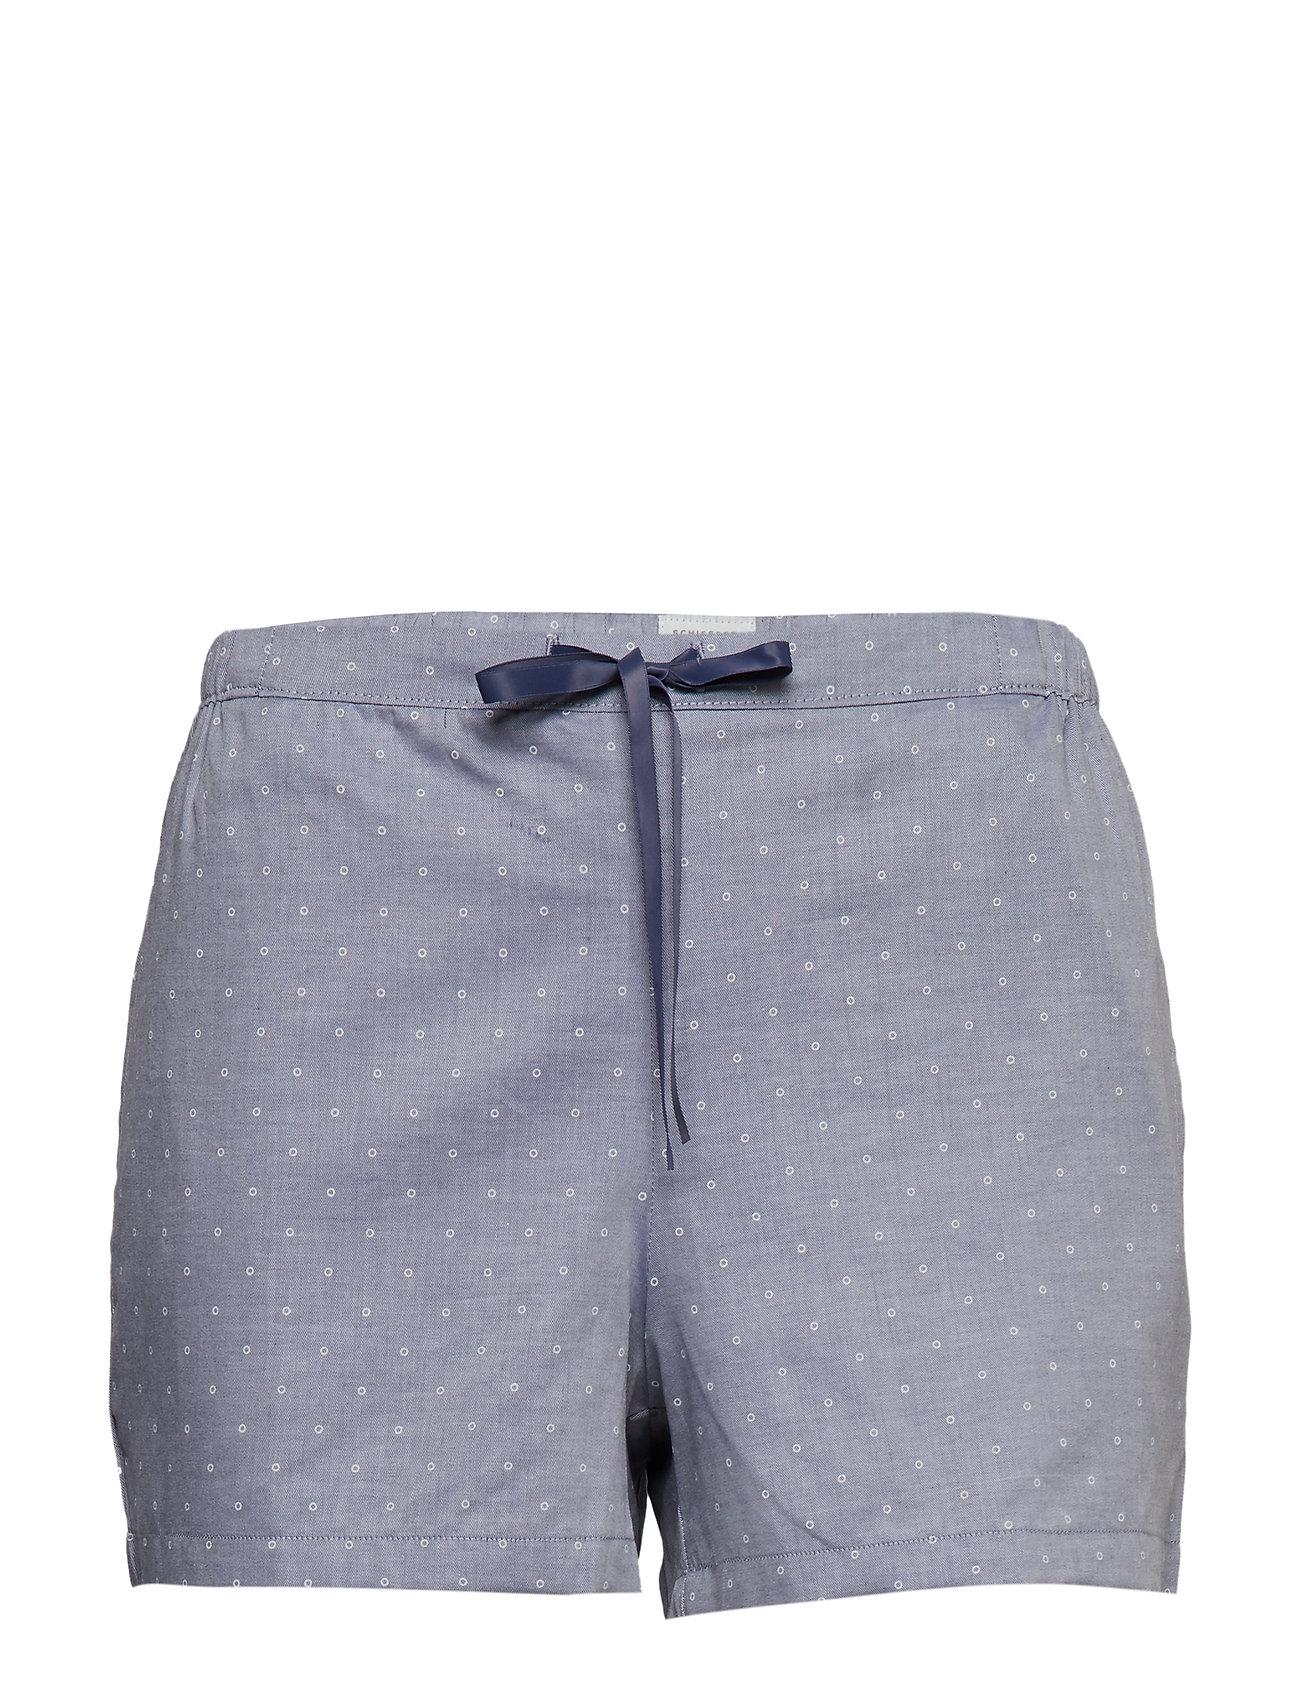 Schiesser Shorts - DARK BLUE